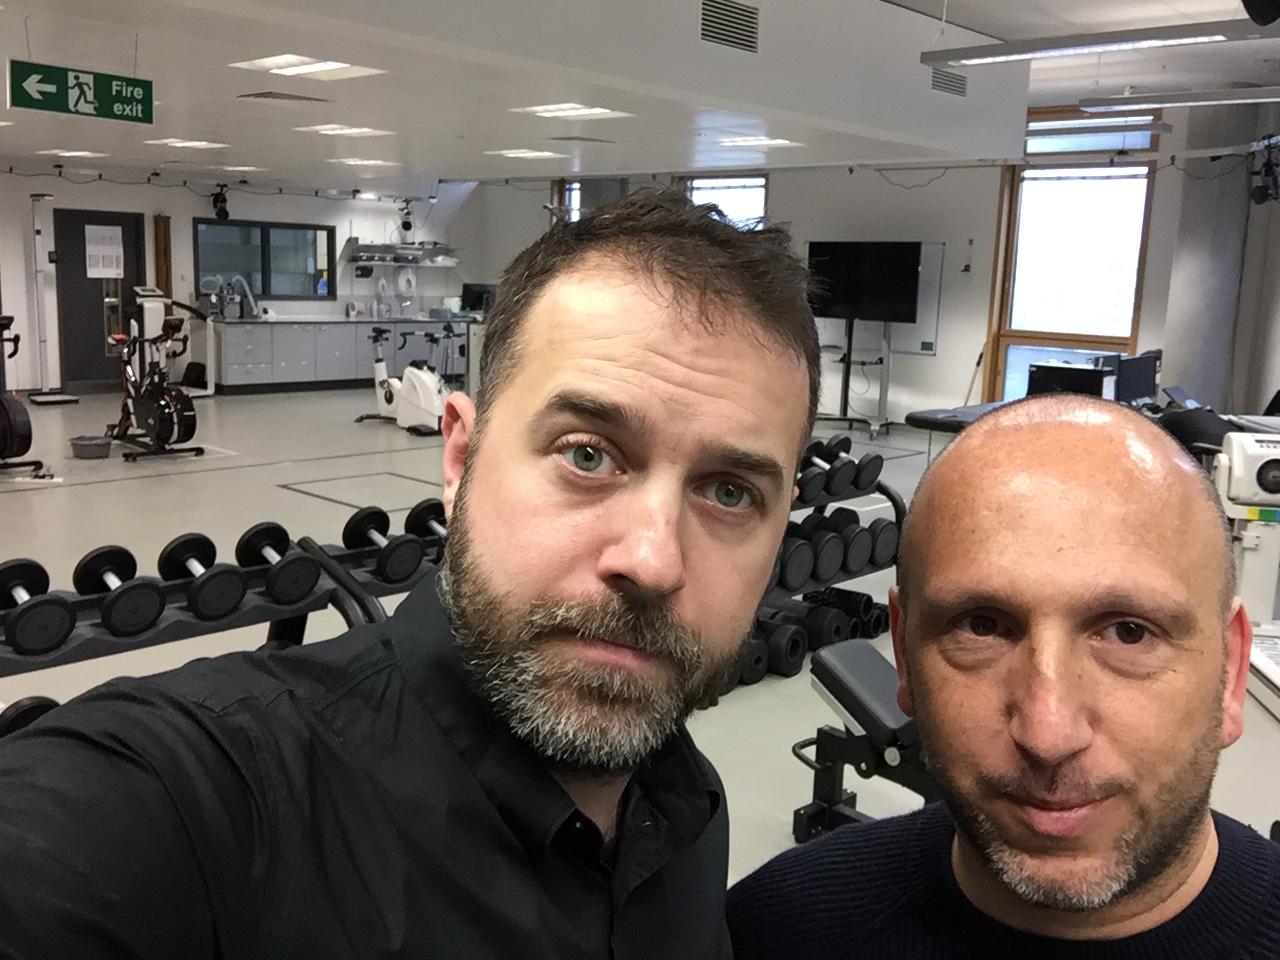 El professor d'EUSES Marc Madruga, responsable de la línia de recerca de rendiment i prevenció de lesions, visita les univeristats de Suffolk i Middlesex